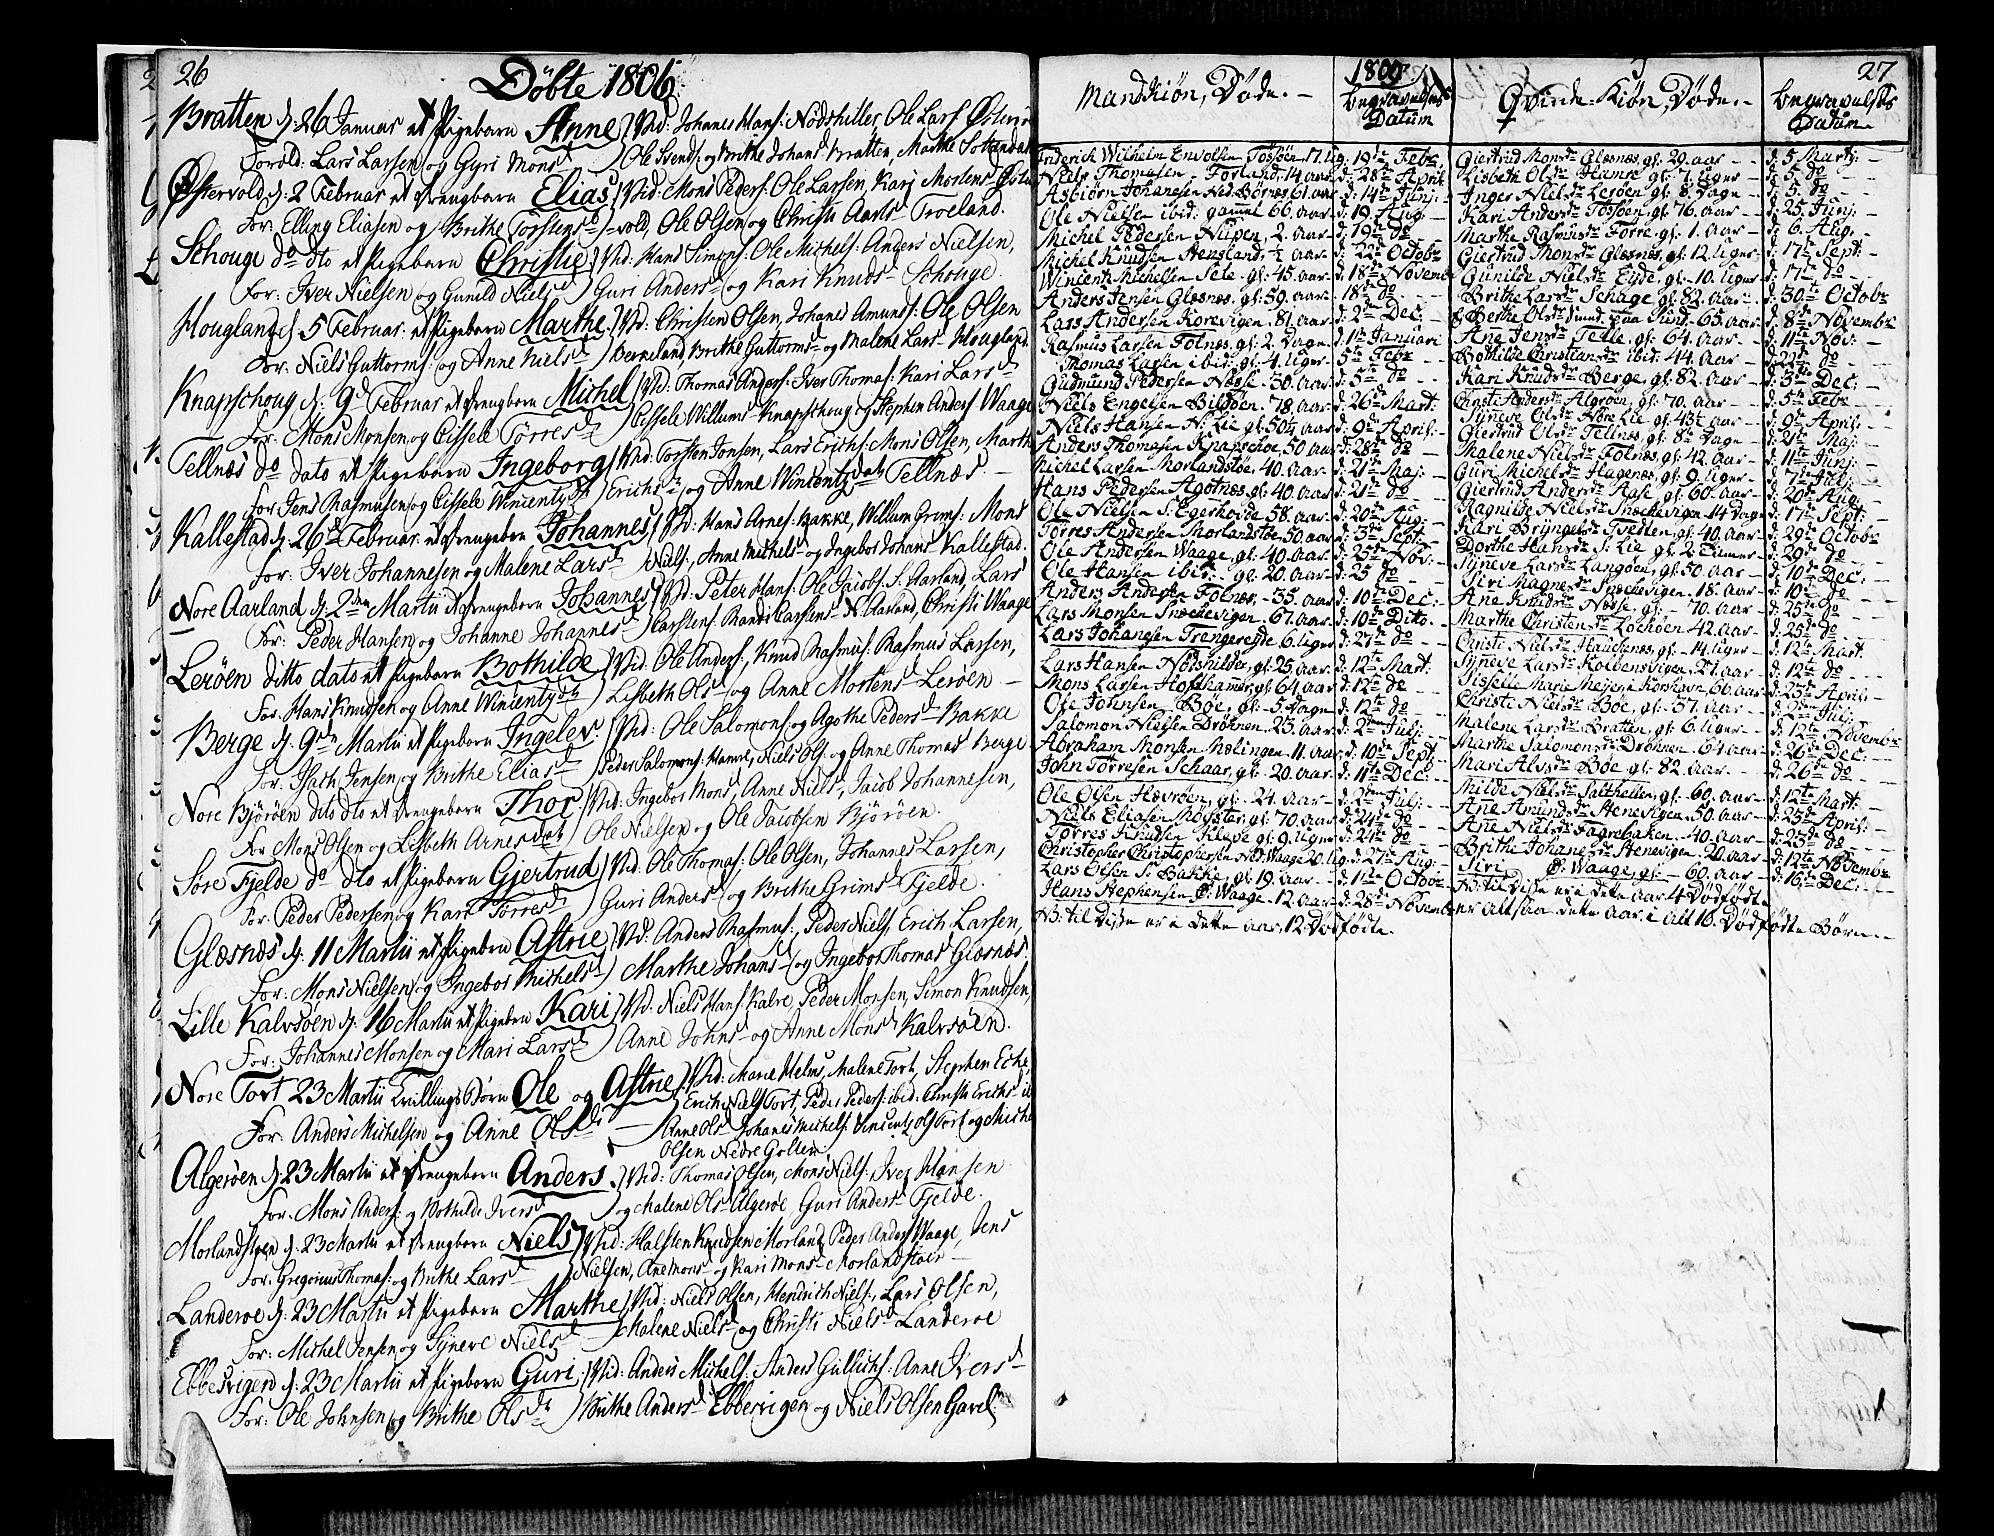 SAB, Sund sokneprestembete, Ministerialbok nr. A 10, 1804-1818, s. 26-27